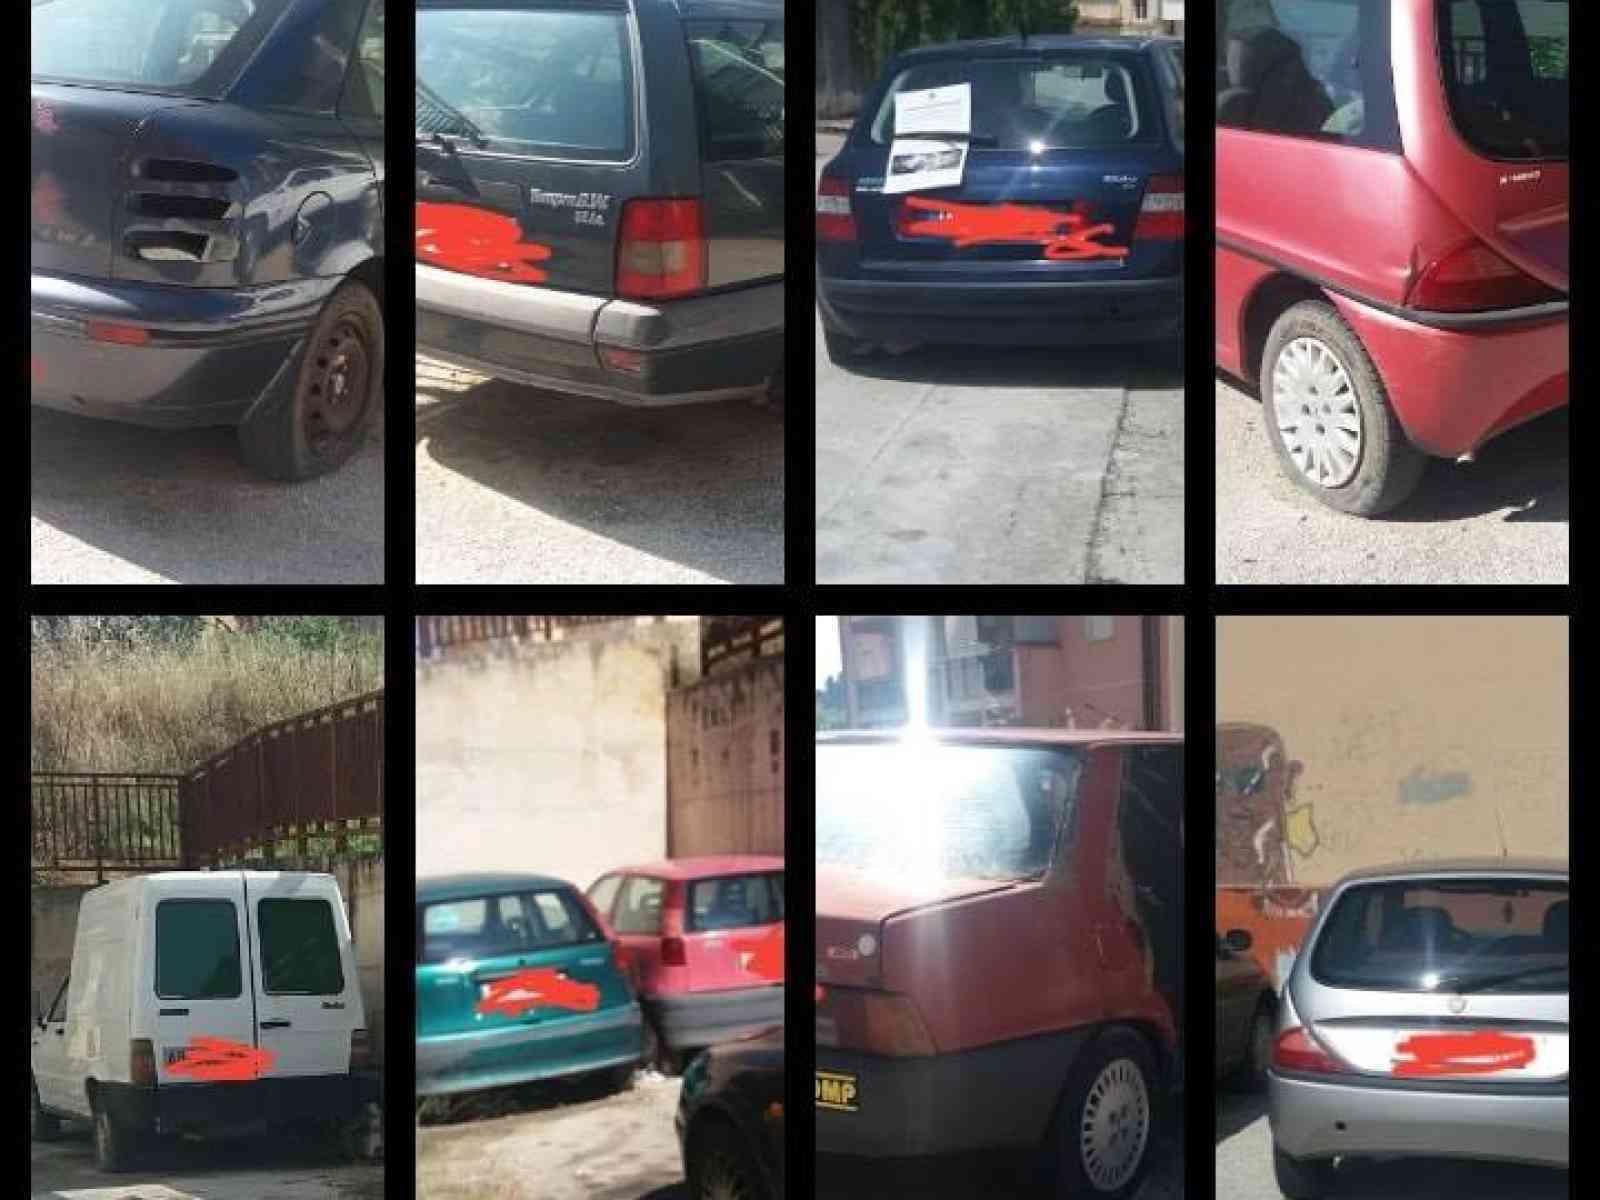 """Immagine articolo: S. Margherita, partita la """"lotta"""" alle auto abbandonate in strada. Rimosse oltre 40 autovetture e scattate numerose diffide"""